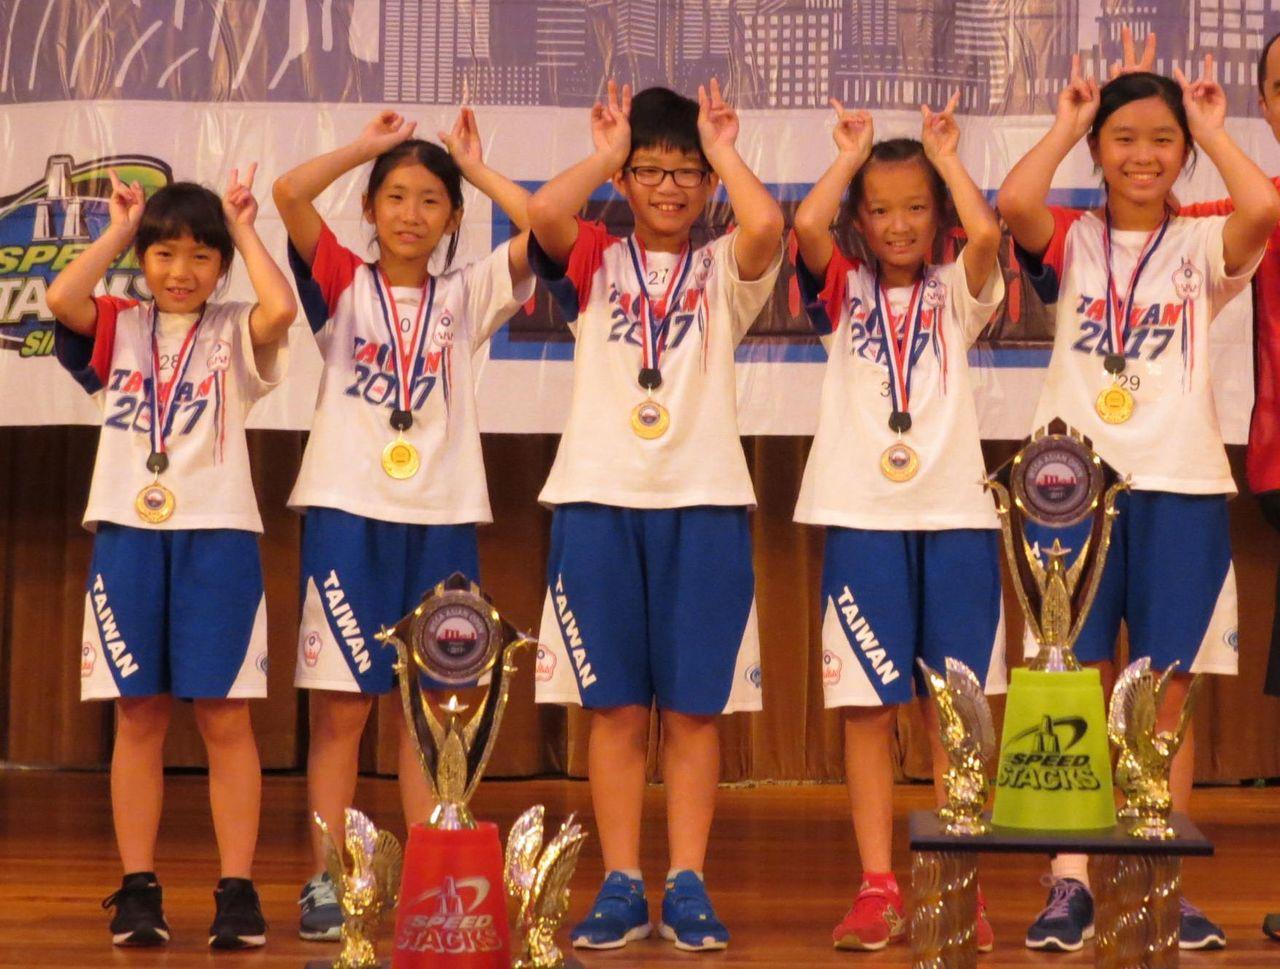 「台灣兔寶寶隊」為中華隊在團體賽中貢獻金牌。 圖/中華競技疊杯運動推廣協會提供